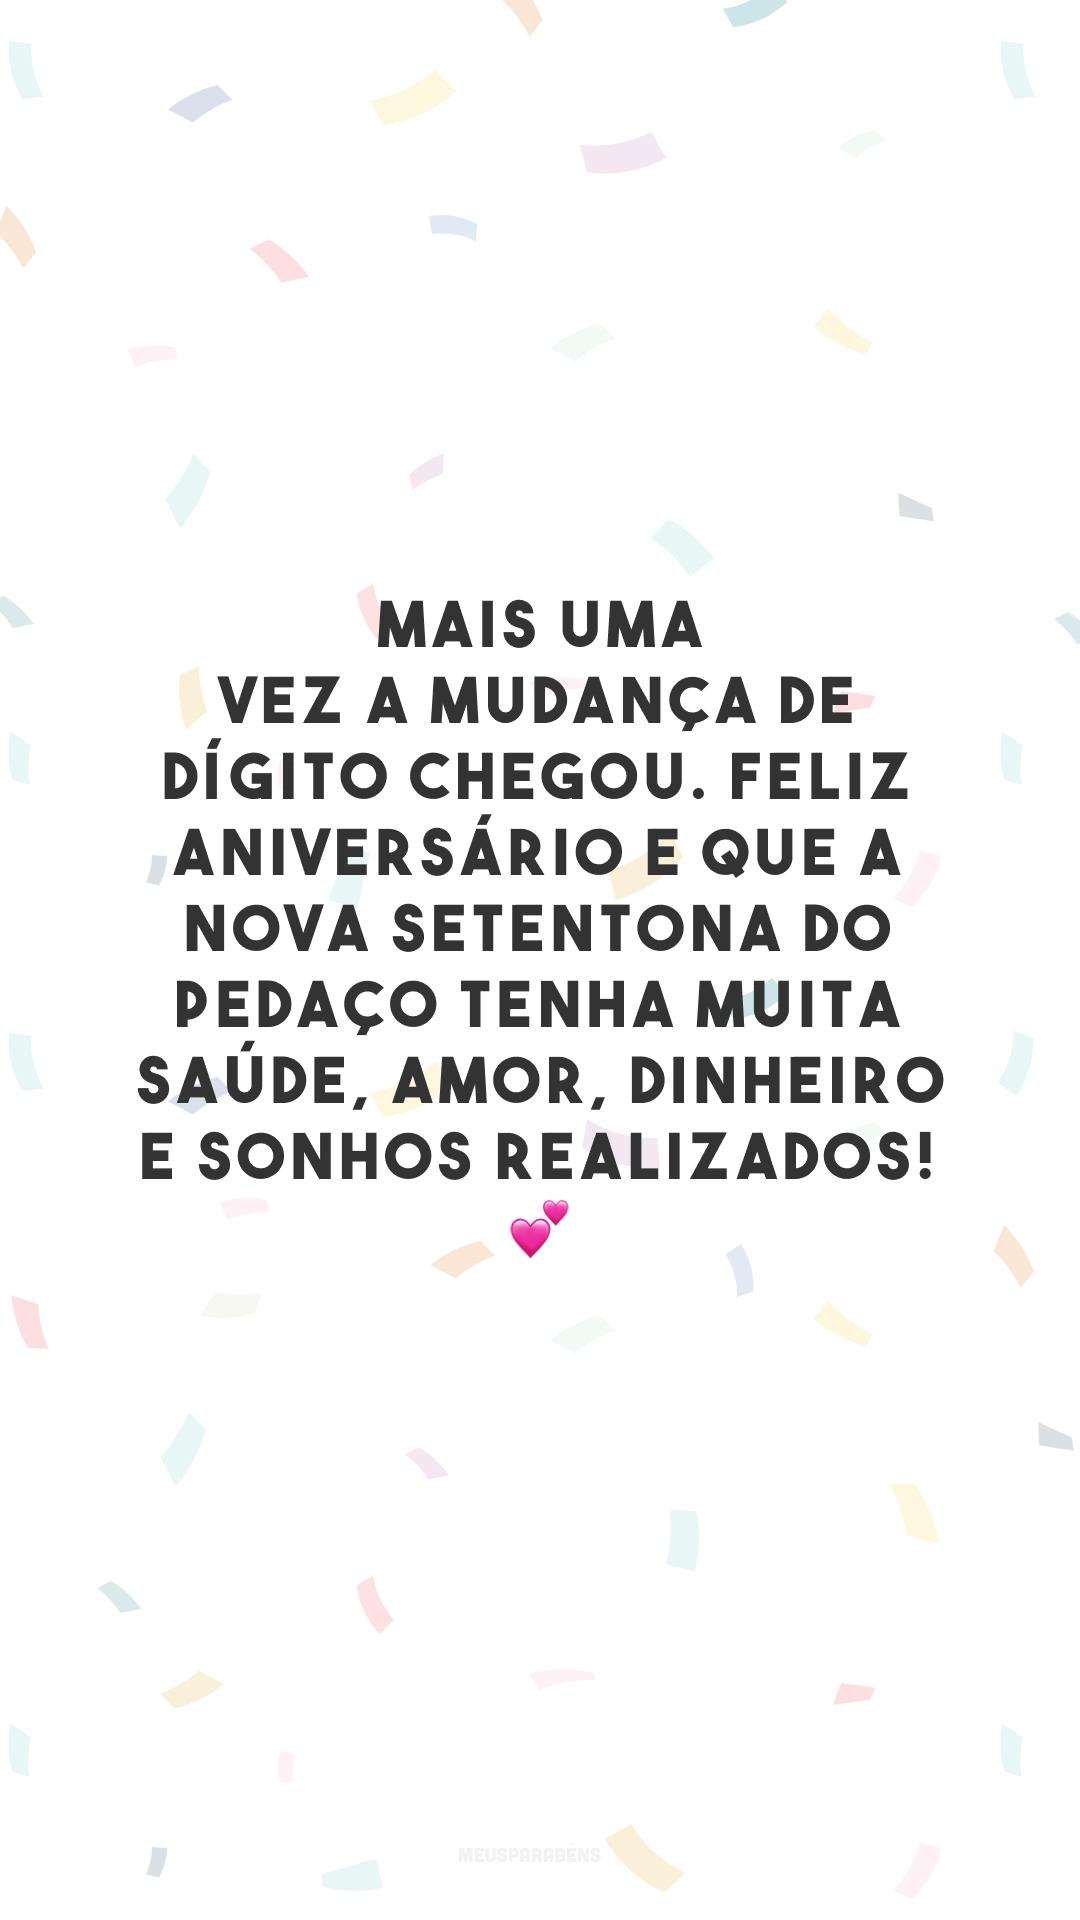 Mais uma vez a mudança de dígito chegou. Feliz aniversário e que a nova setentona do pedaço tenha muita saúde, amor, dinheiro e sonhos realizados! 💕